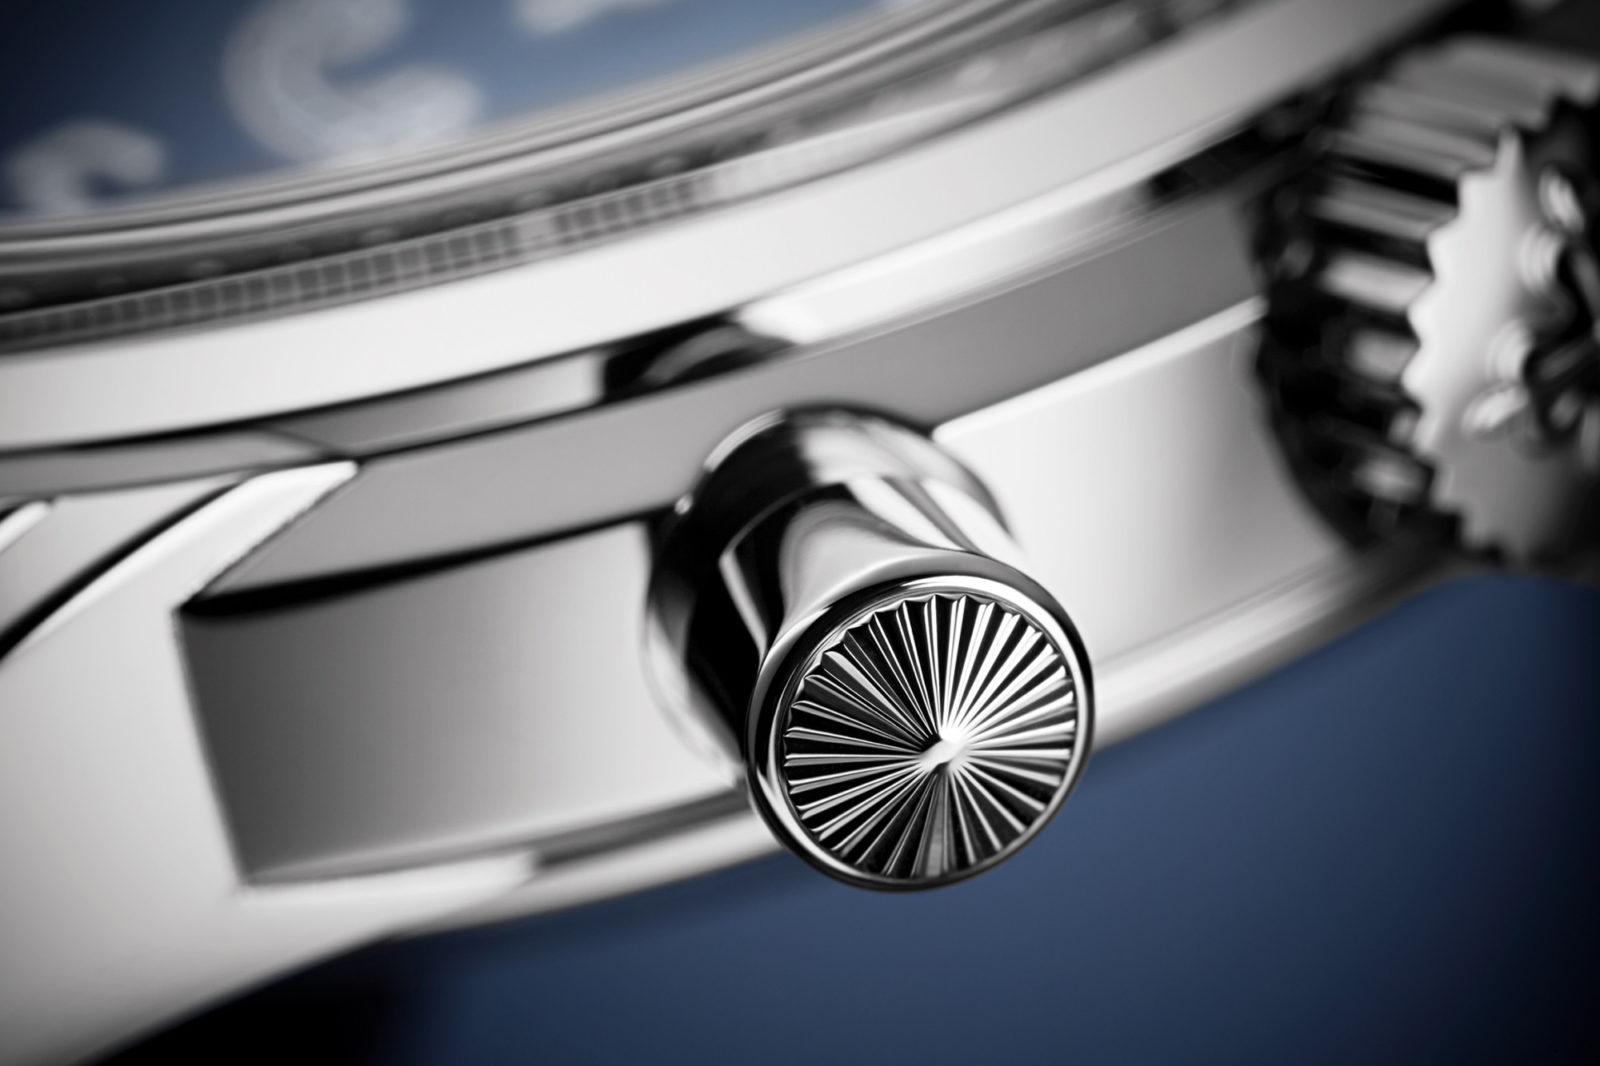 Patek Philippe Chronograph 5172G - Boutons poussoirs guillochés